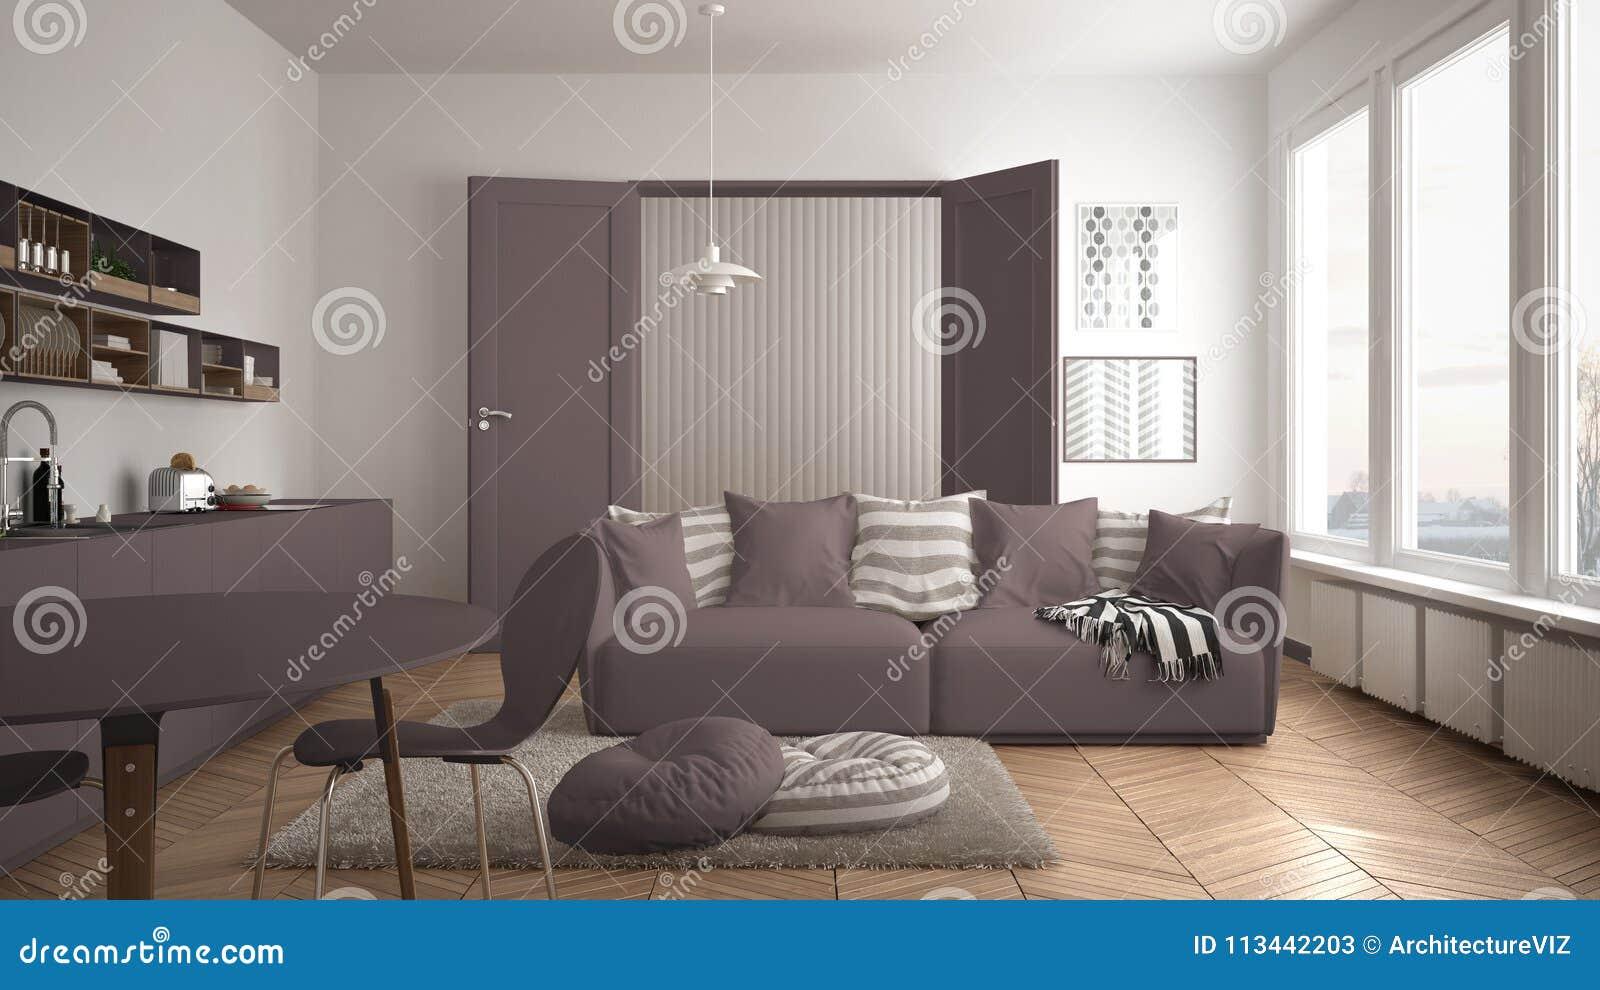 Skandinavische moderne woonkamer met keuken eettafel bank en deken